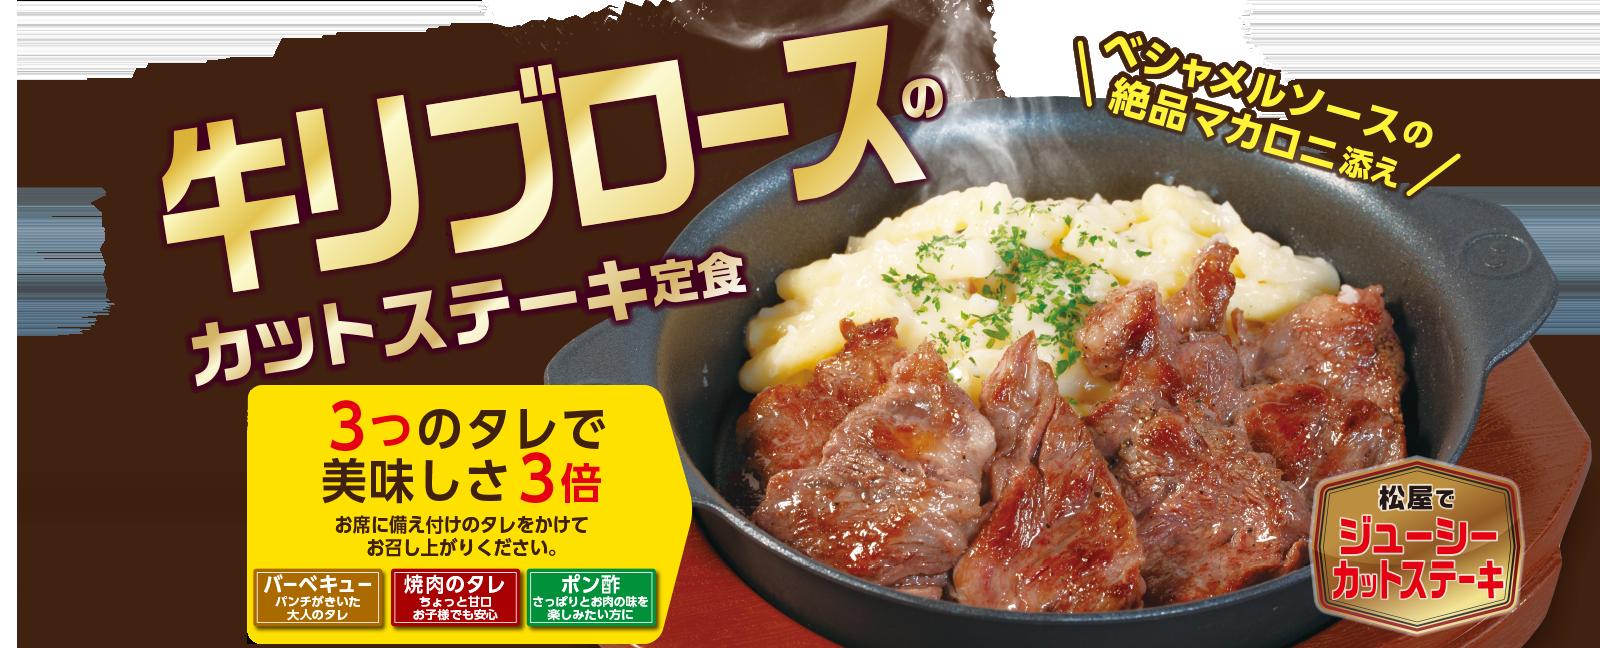 絶品!牛リブロースのカットステーキ定食新発売!